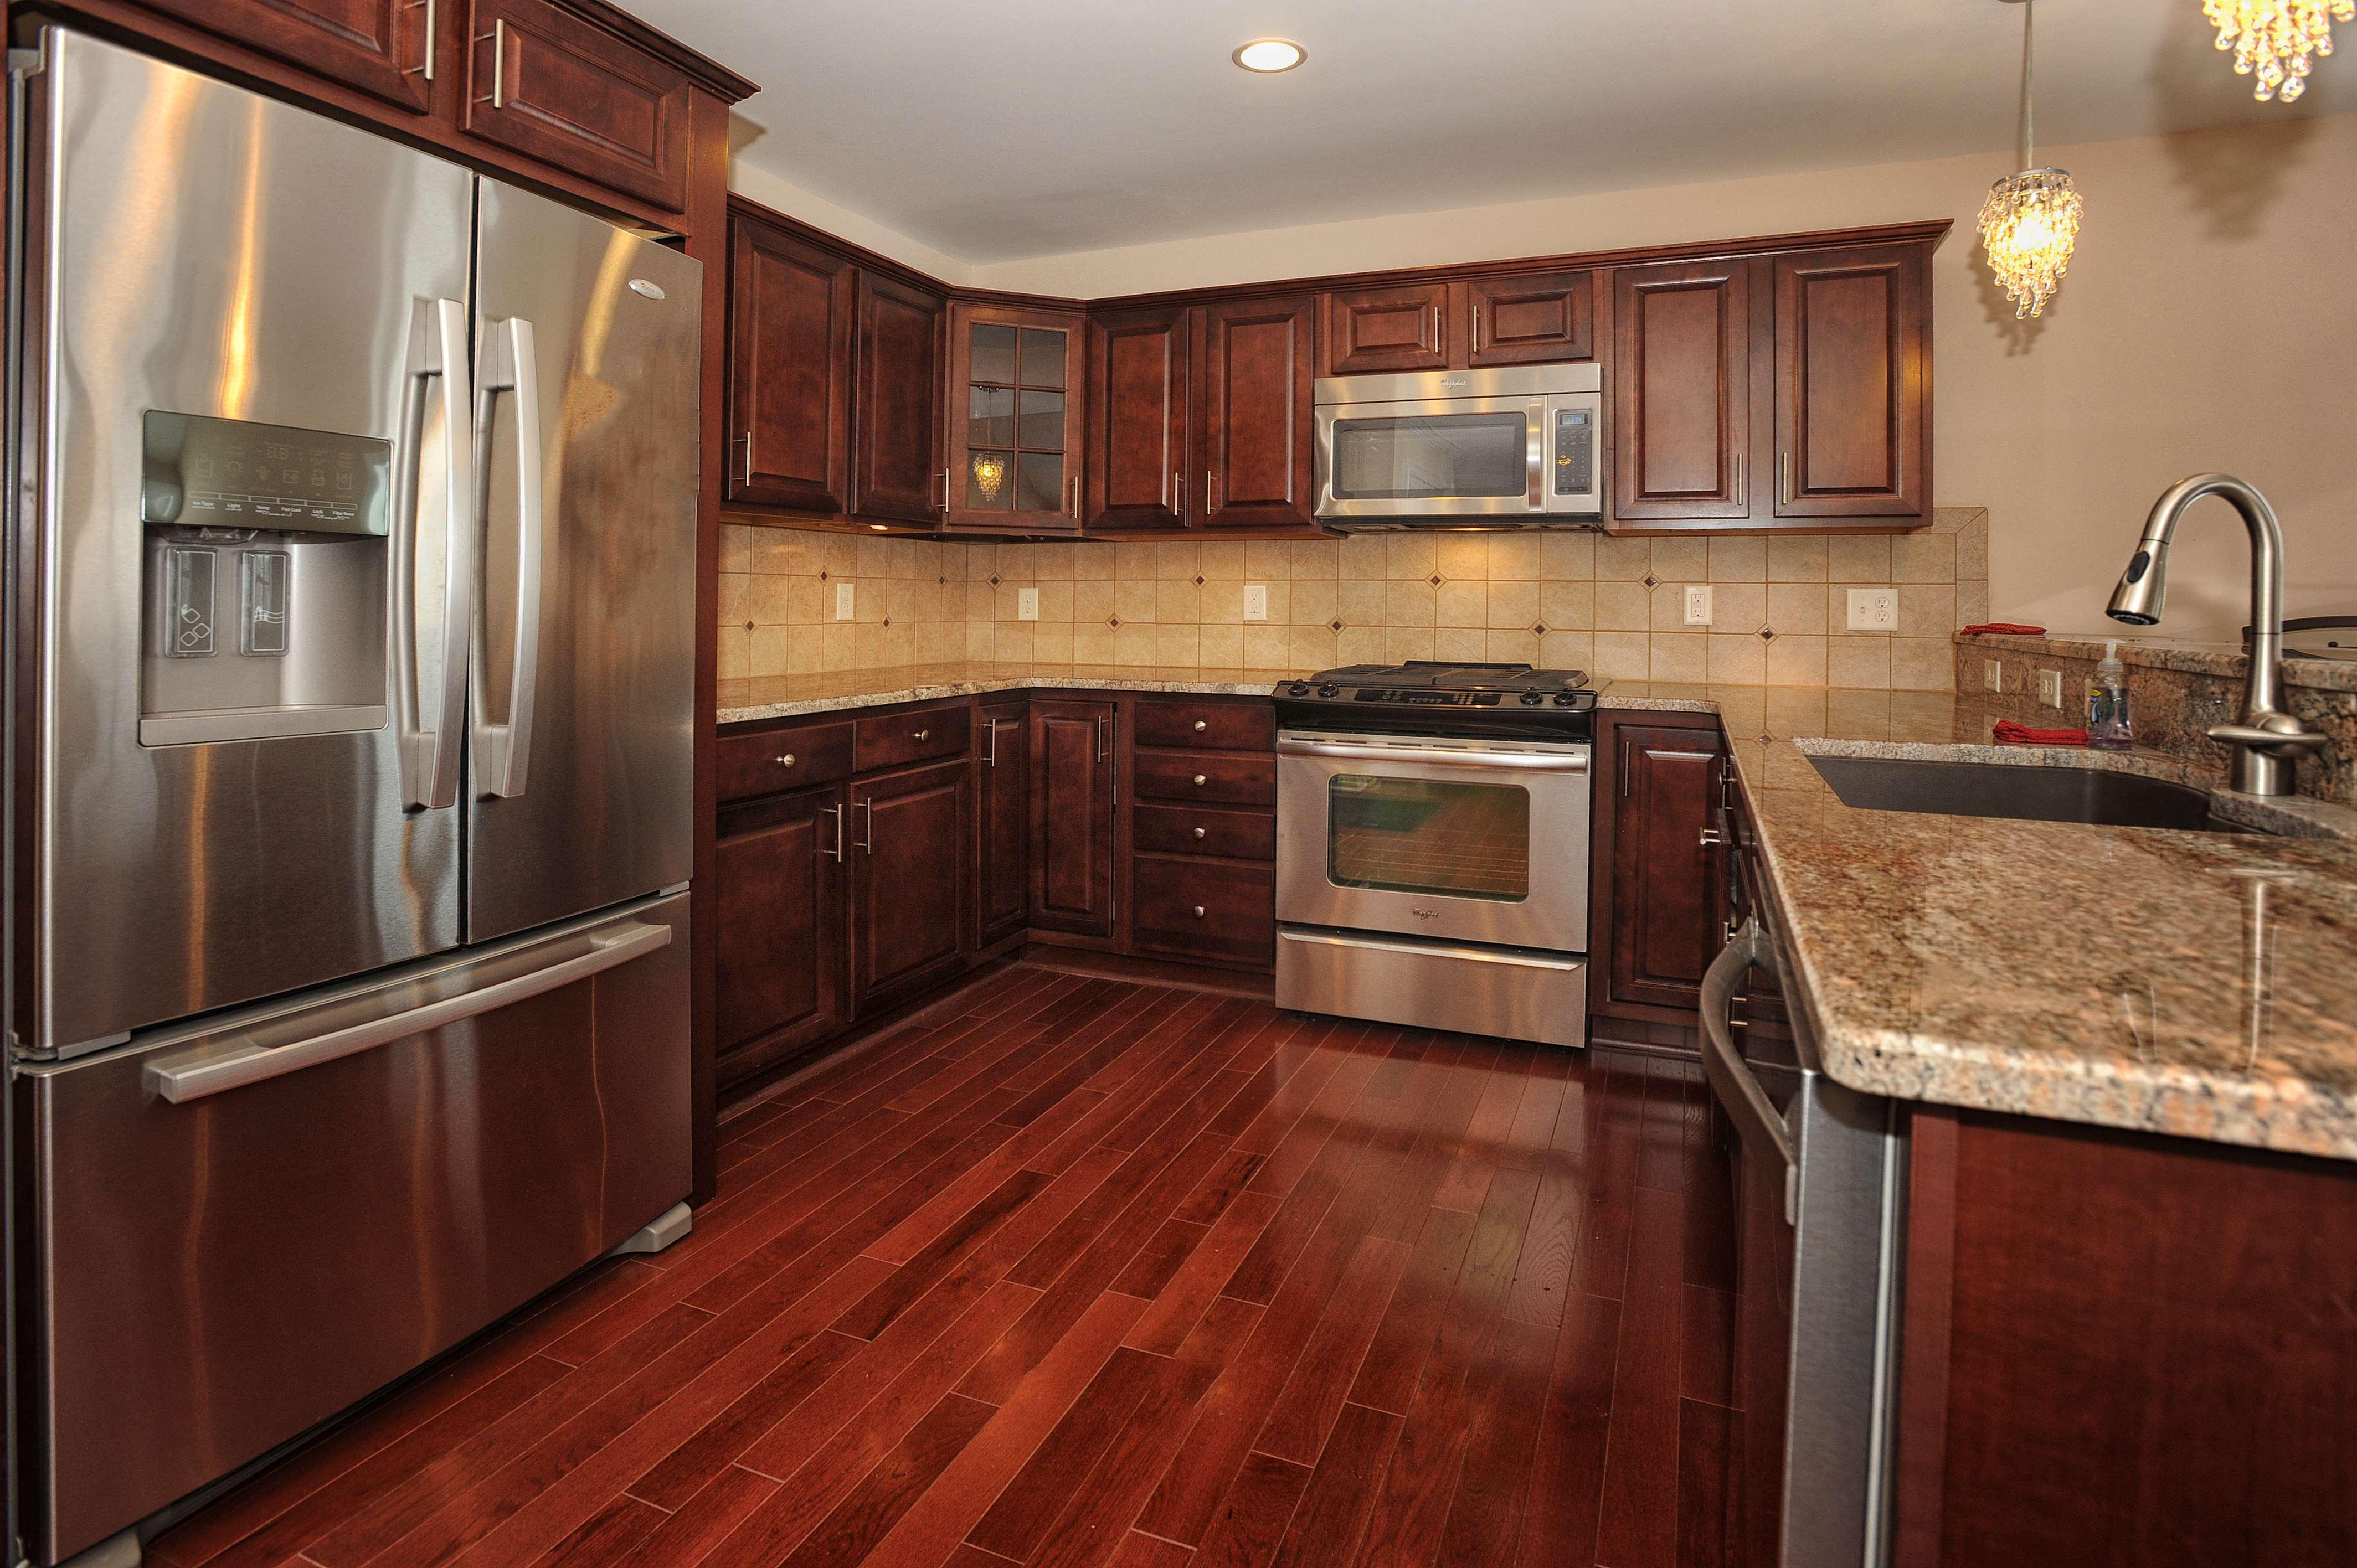 petite-cuisine-moderne-en-forme-de-cuisine-idees-de-conception-avec-des-armoires-de-cuisine-en-bois-avec-comptoir-de-granit-aussi-evier-de-cuisine-et-robinet-aussi-grand-frigo-dernières-tendances- idées-de-conception-de-cuisine-en-U